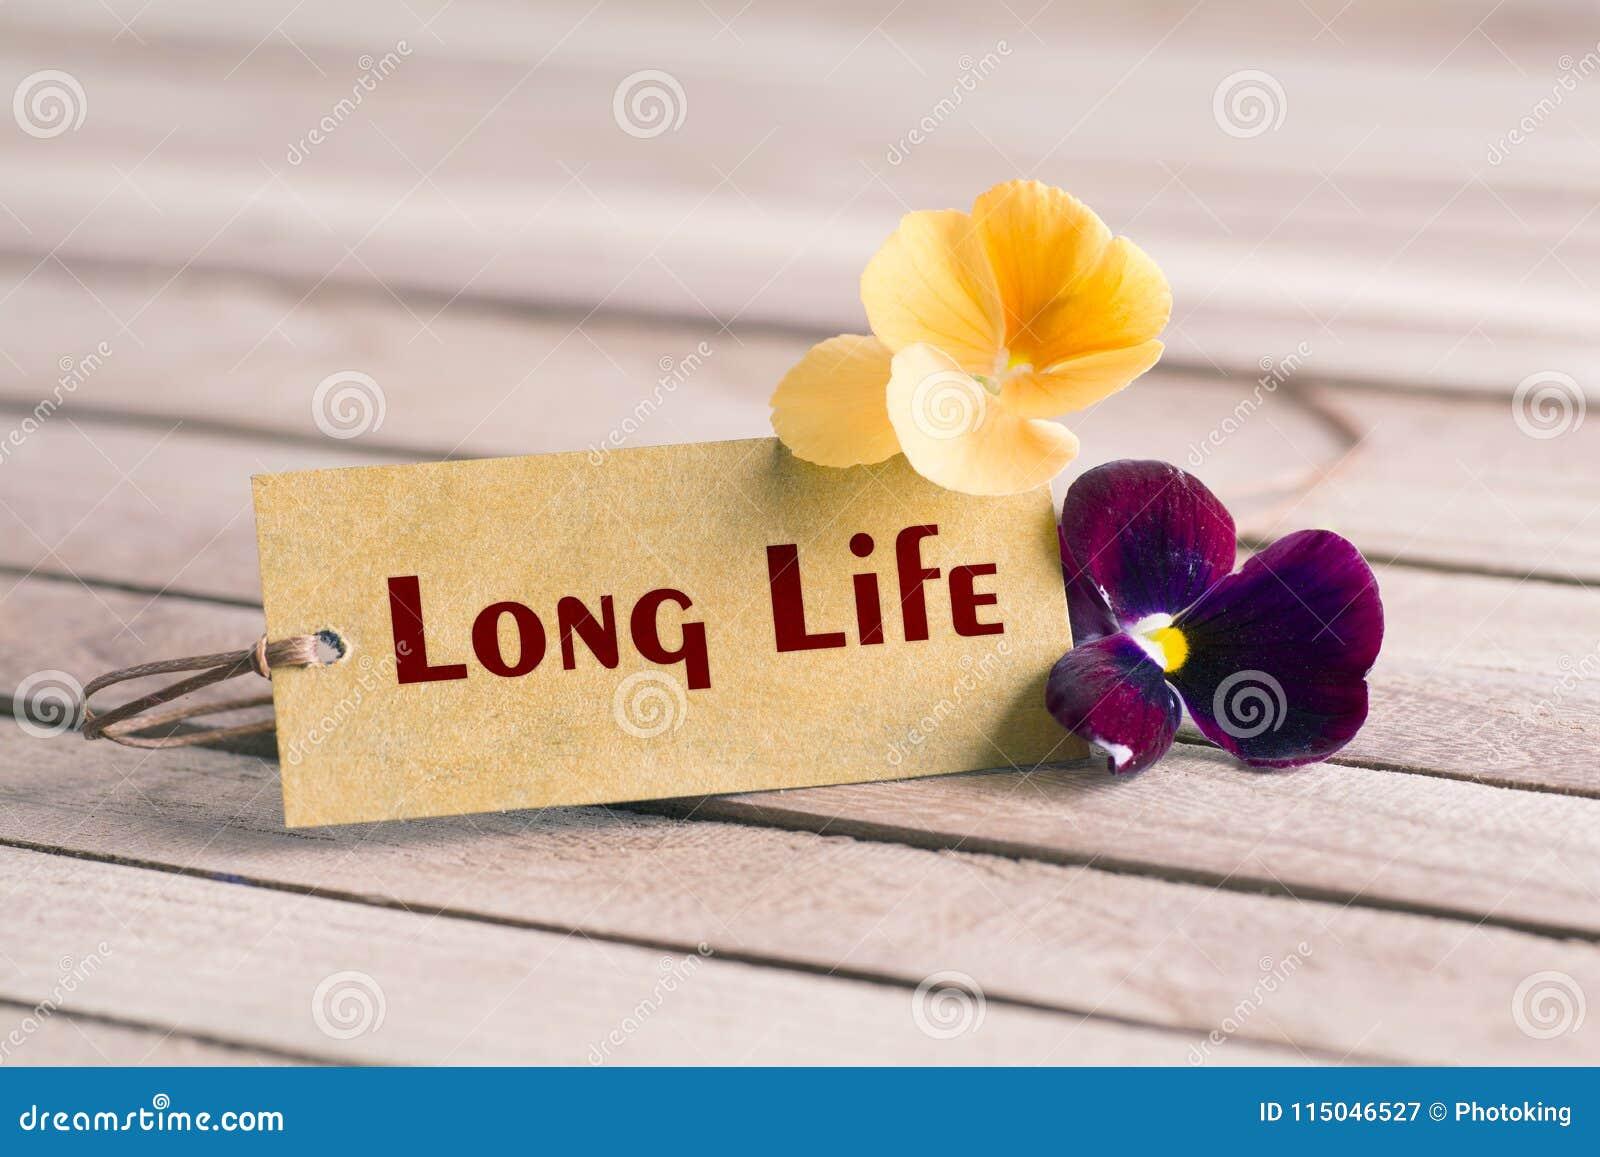 Long life tag